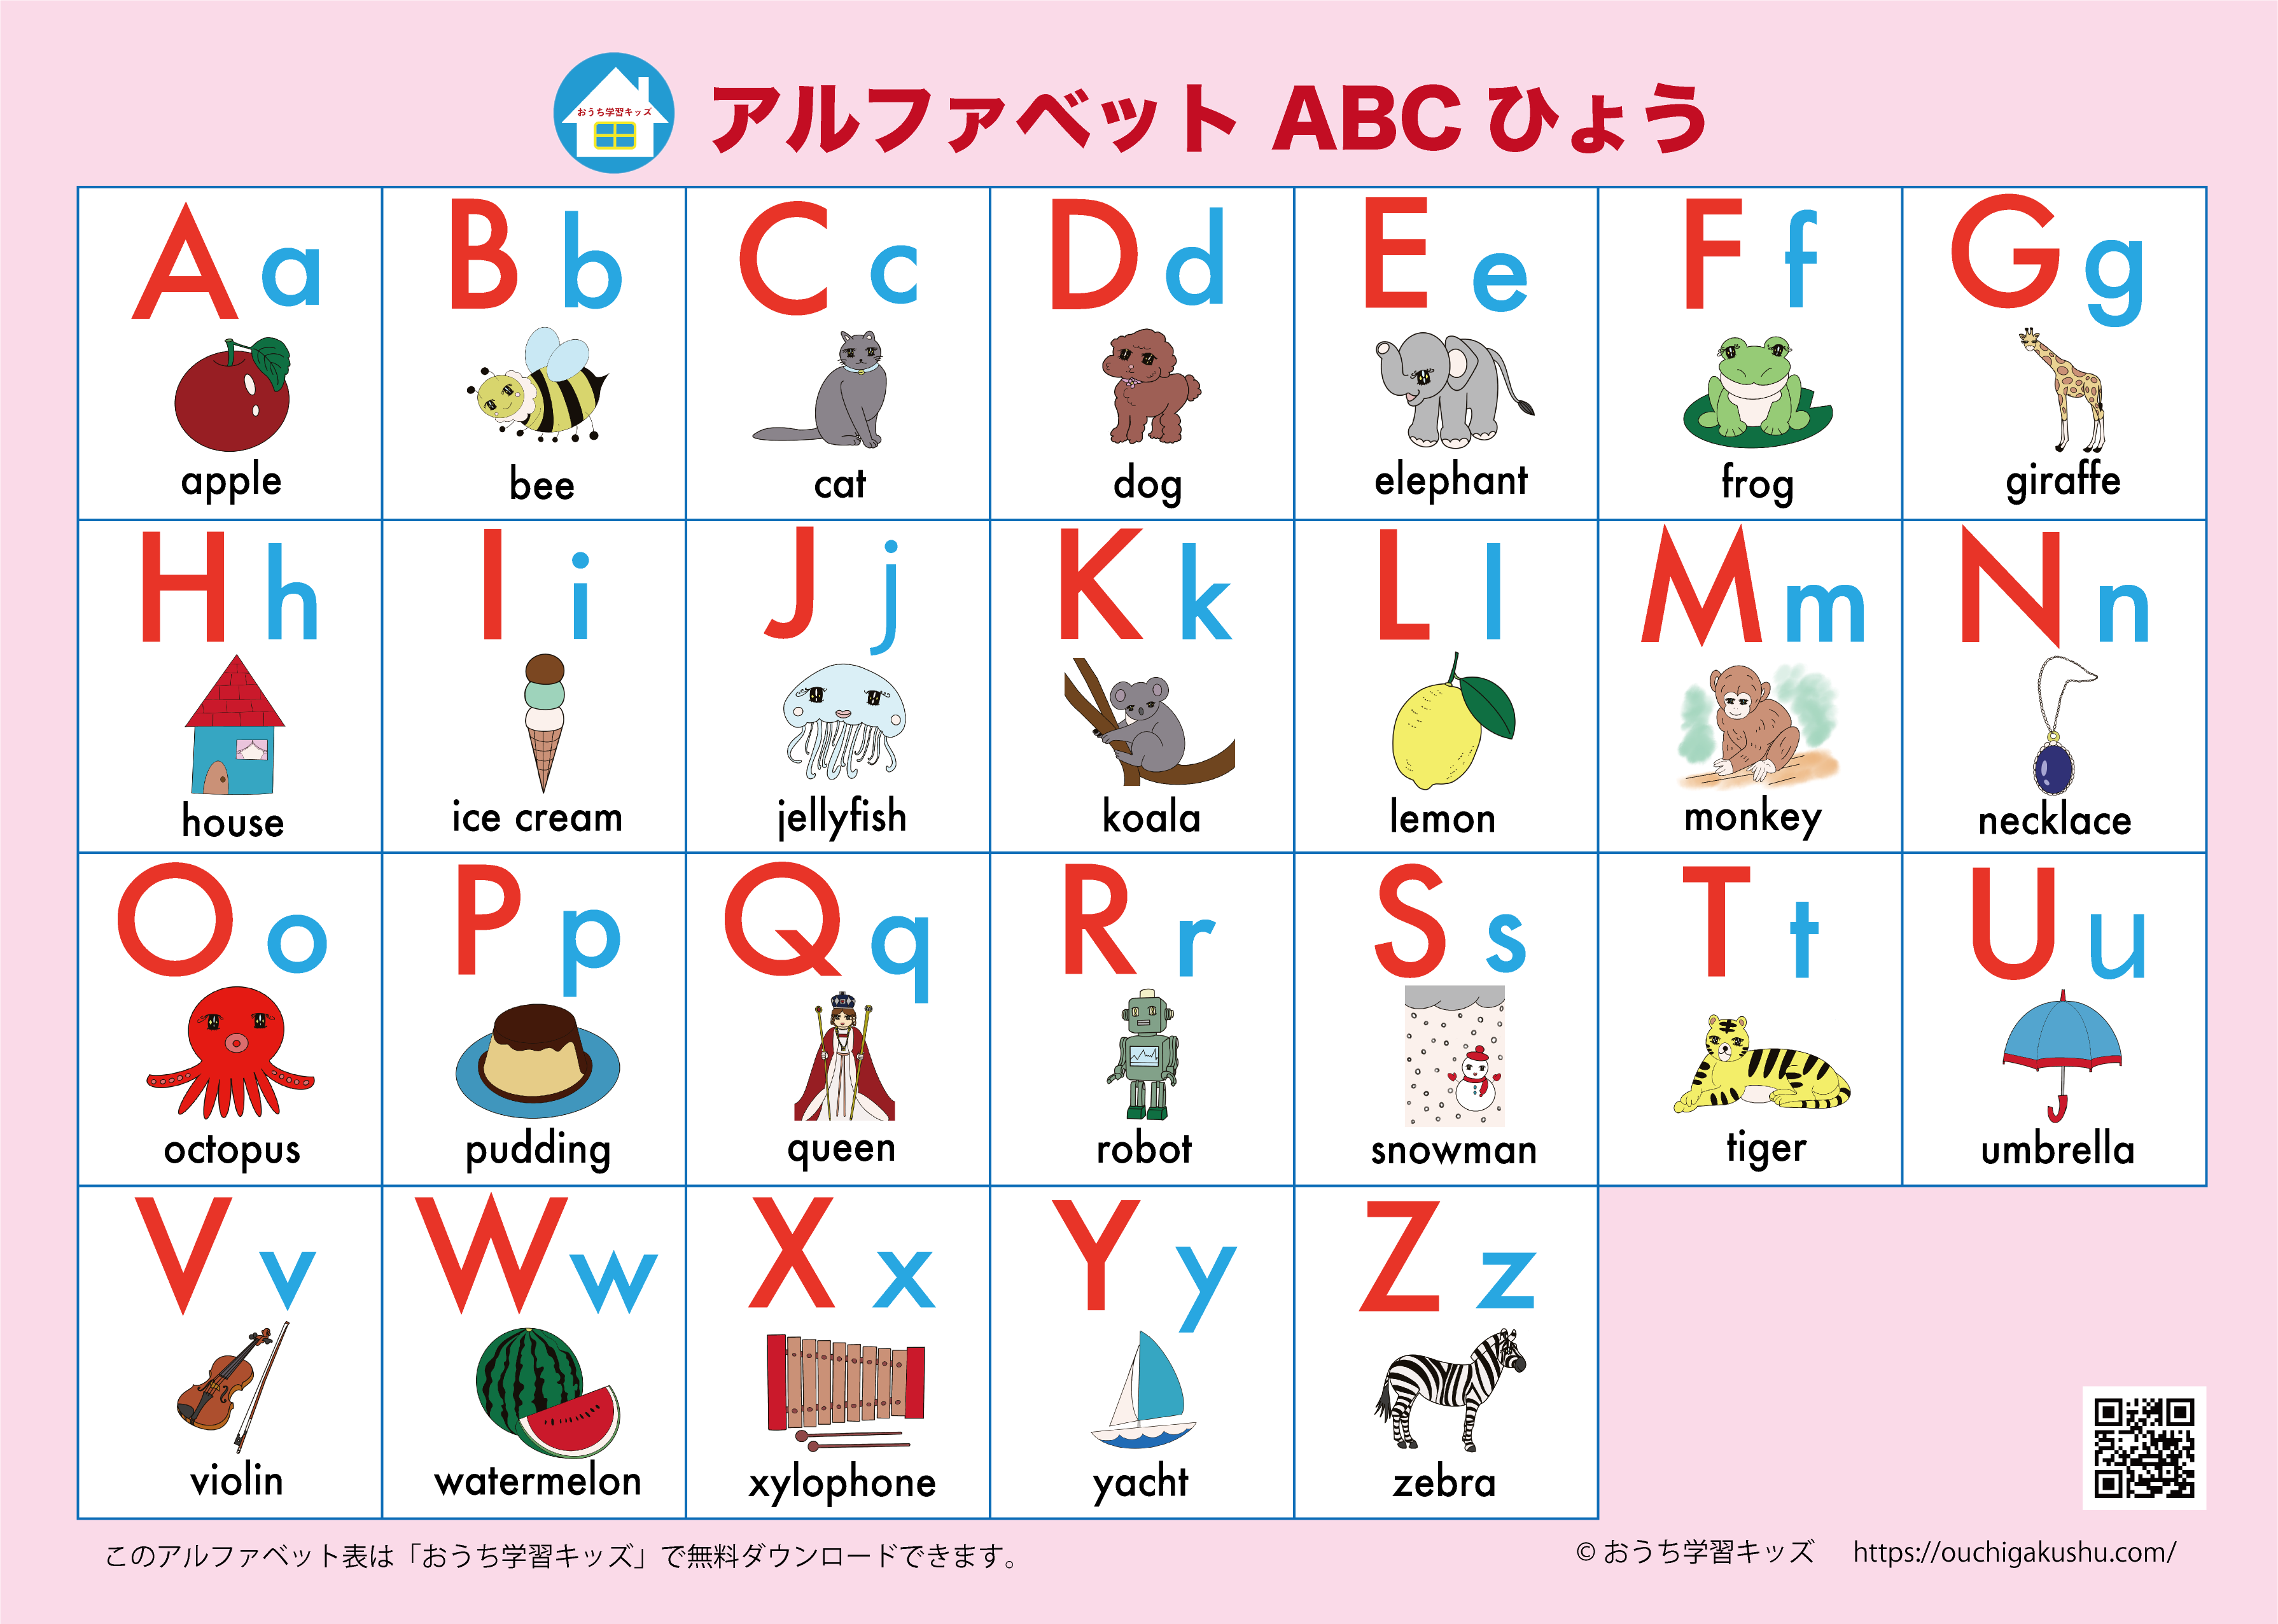 アルファベット表(ABC表)絵付き・ピンク